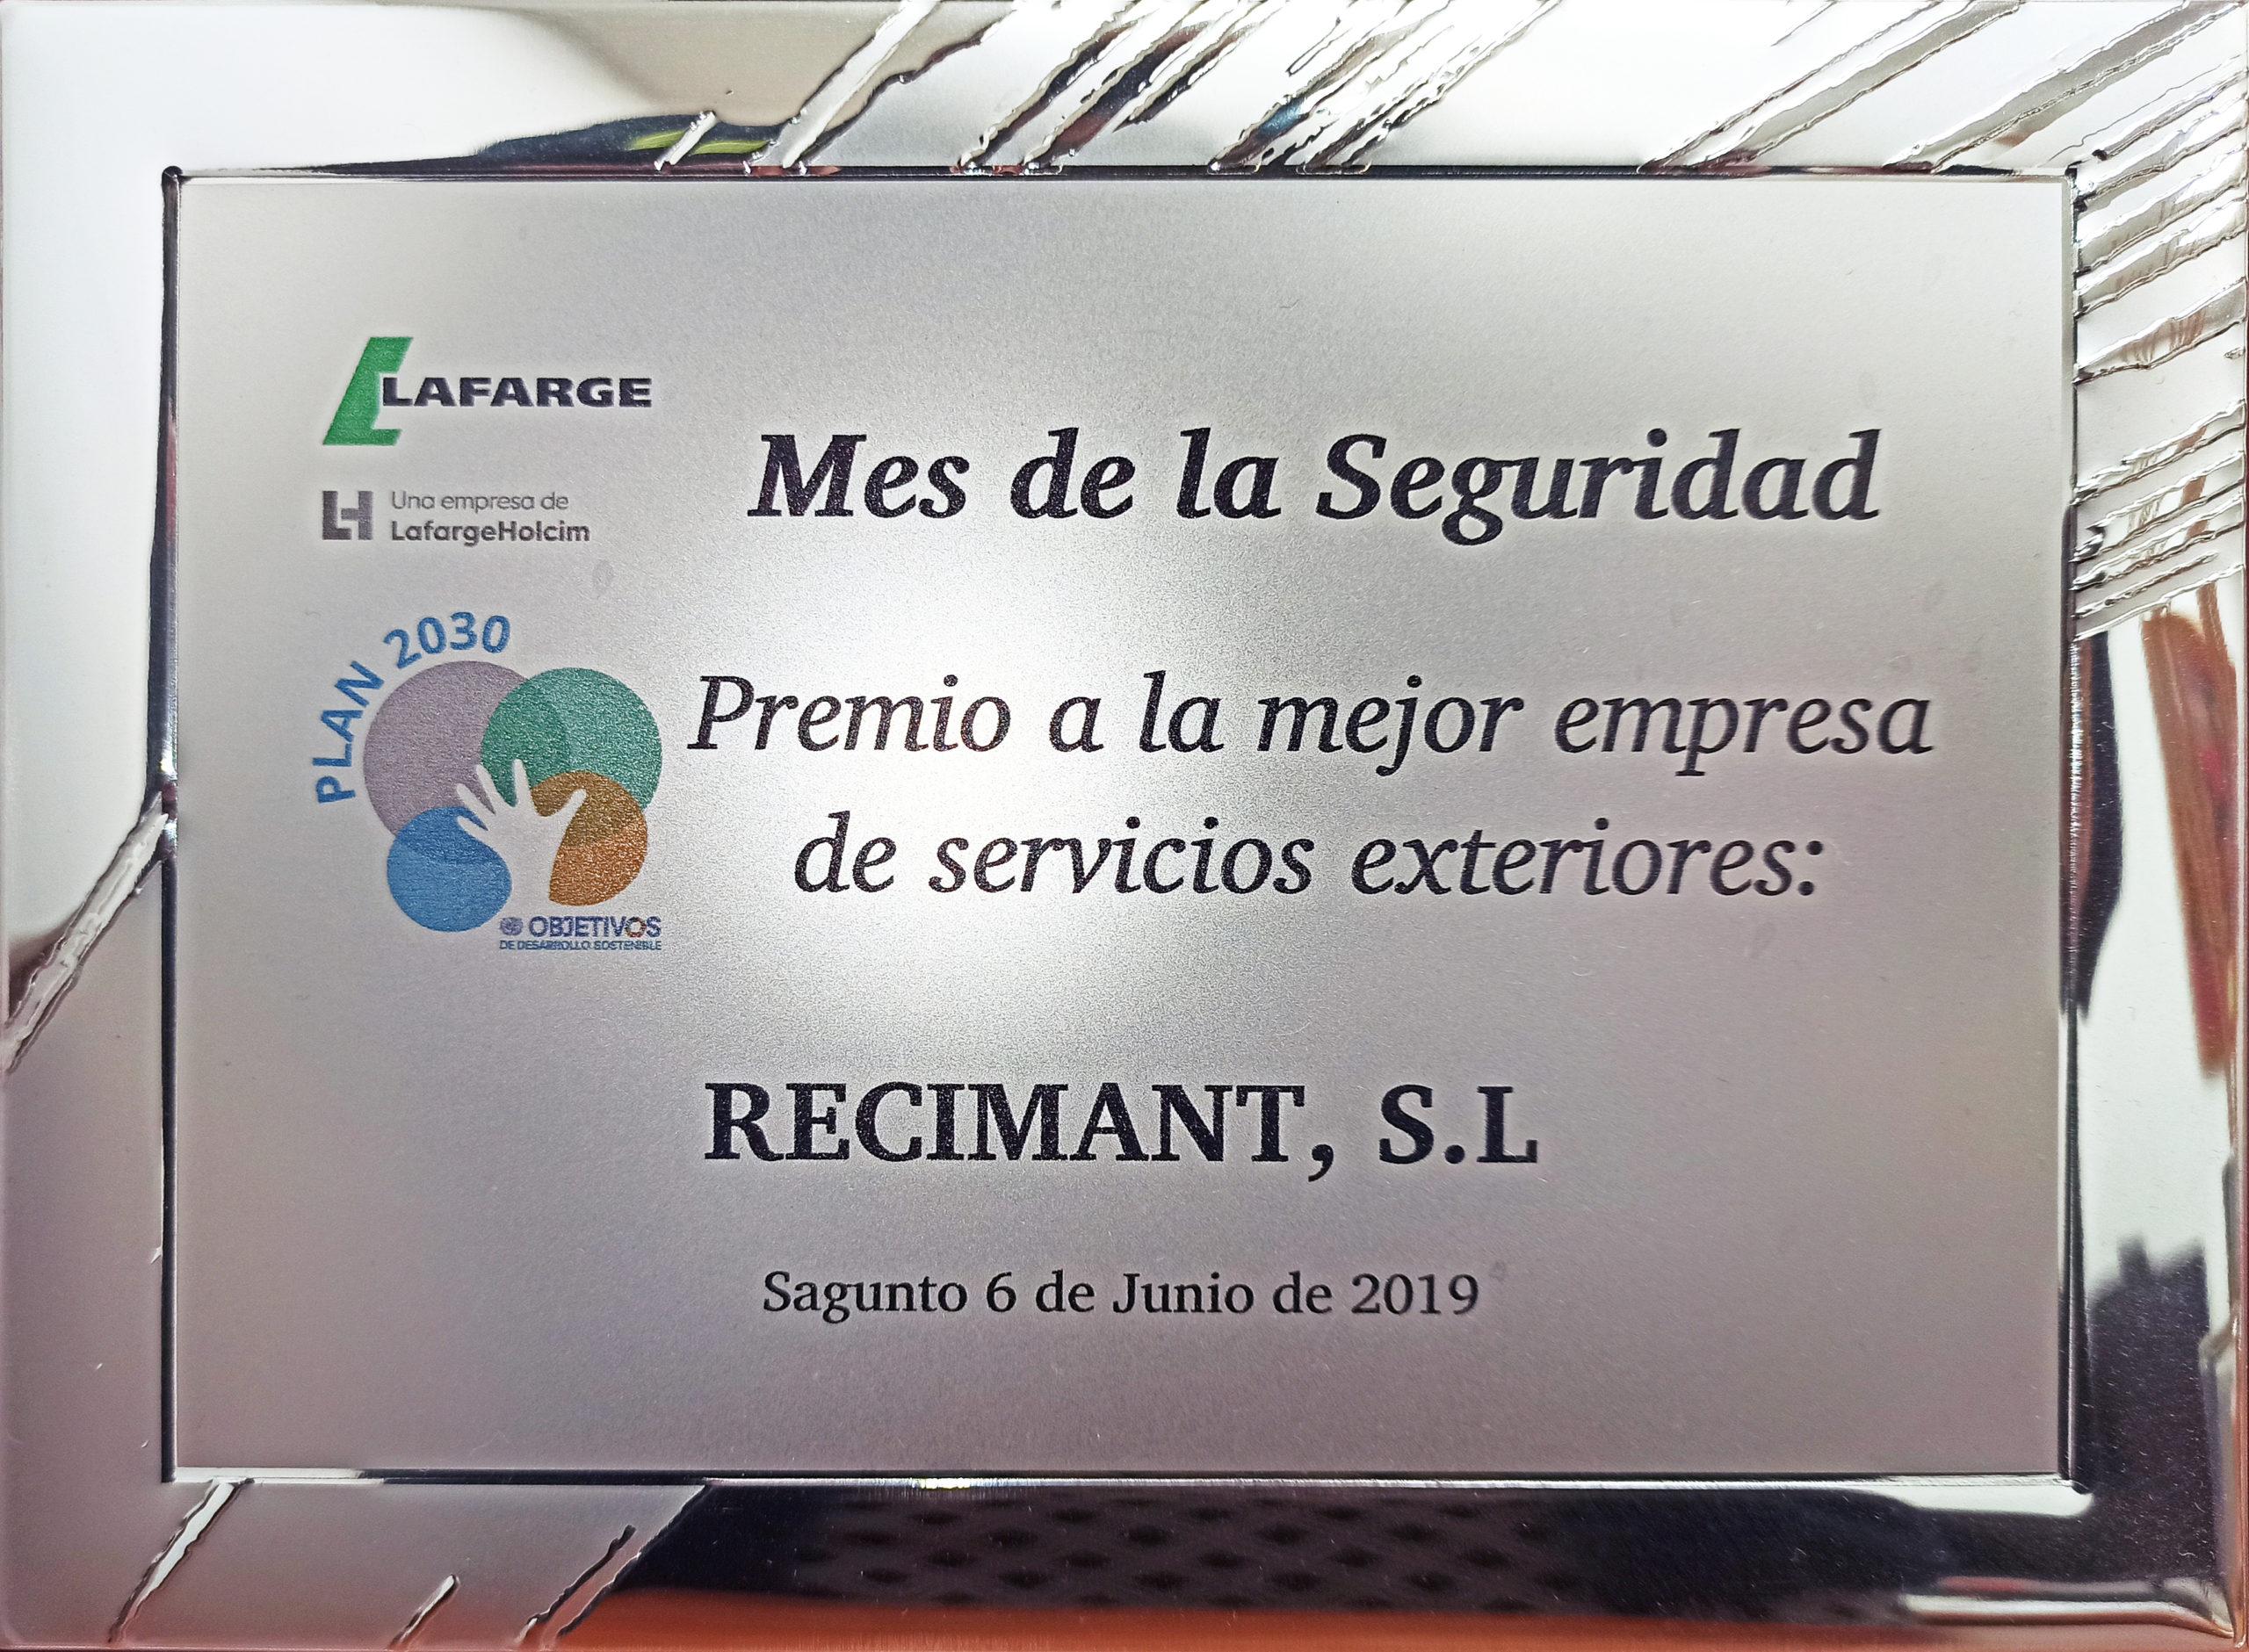 Premio a la mejor empresa de servicios exteriores de LafargeHolcim